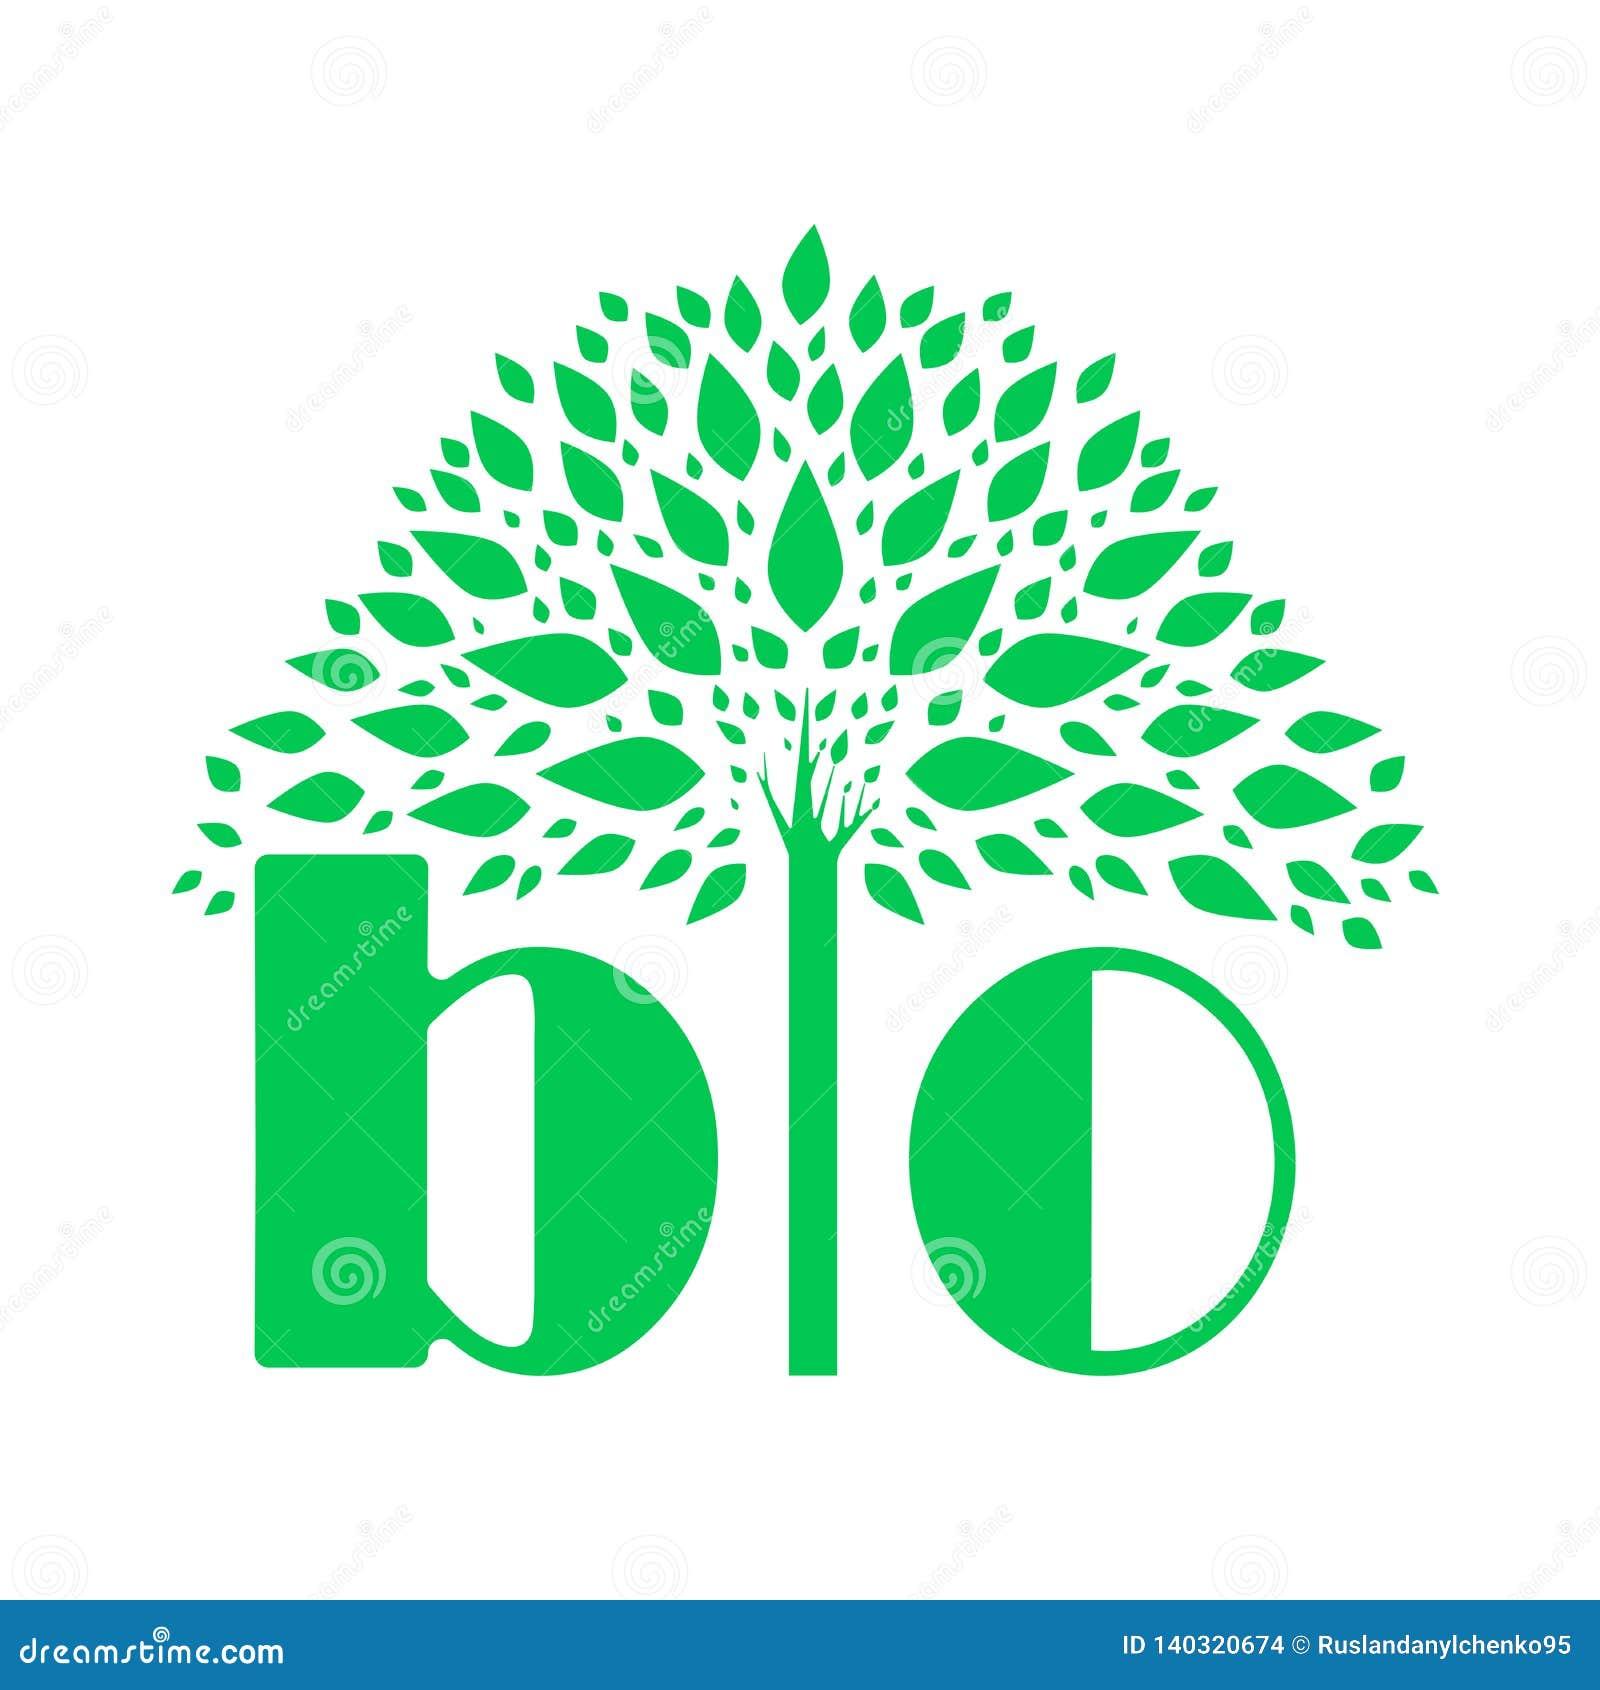 Reklamowy ŻYCIORYS logo Przykład wektorowy rysunek